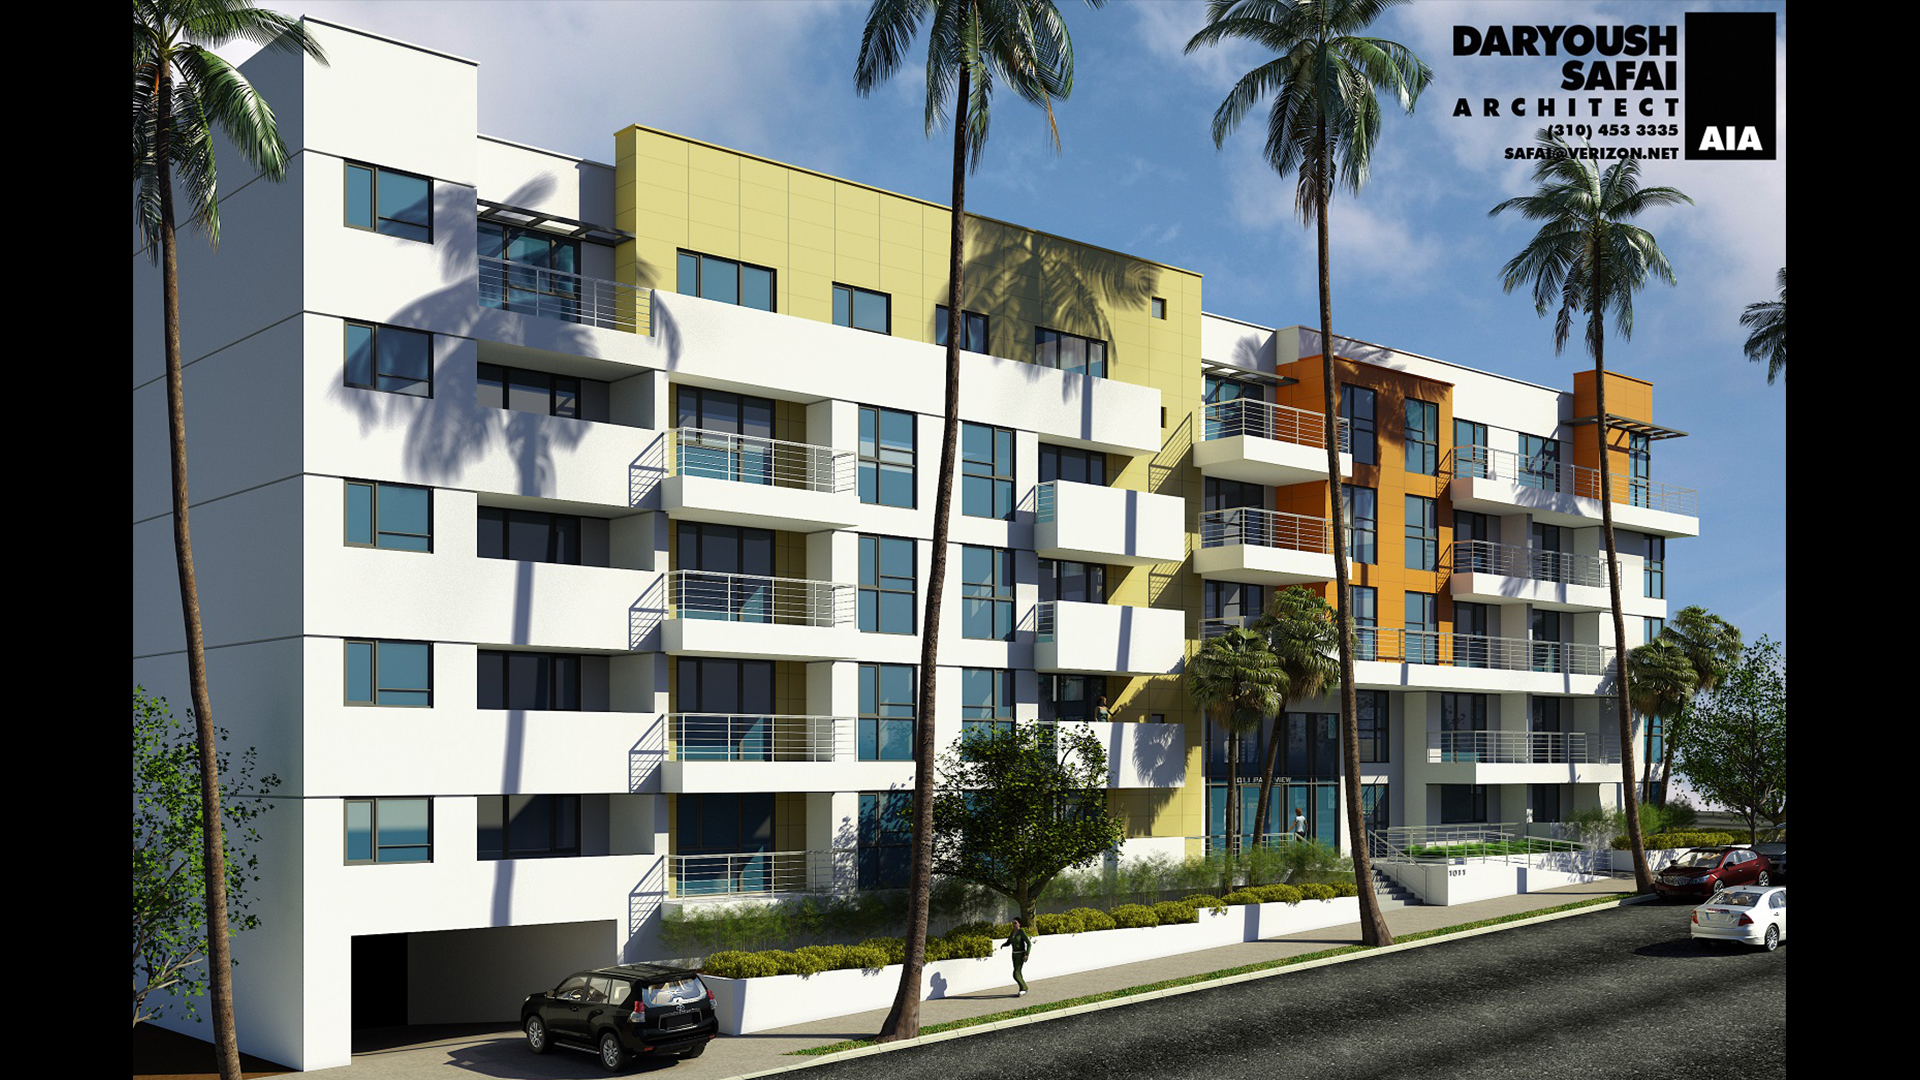 108 Unit Park View S East V1 TV.jpg